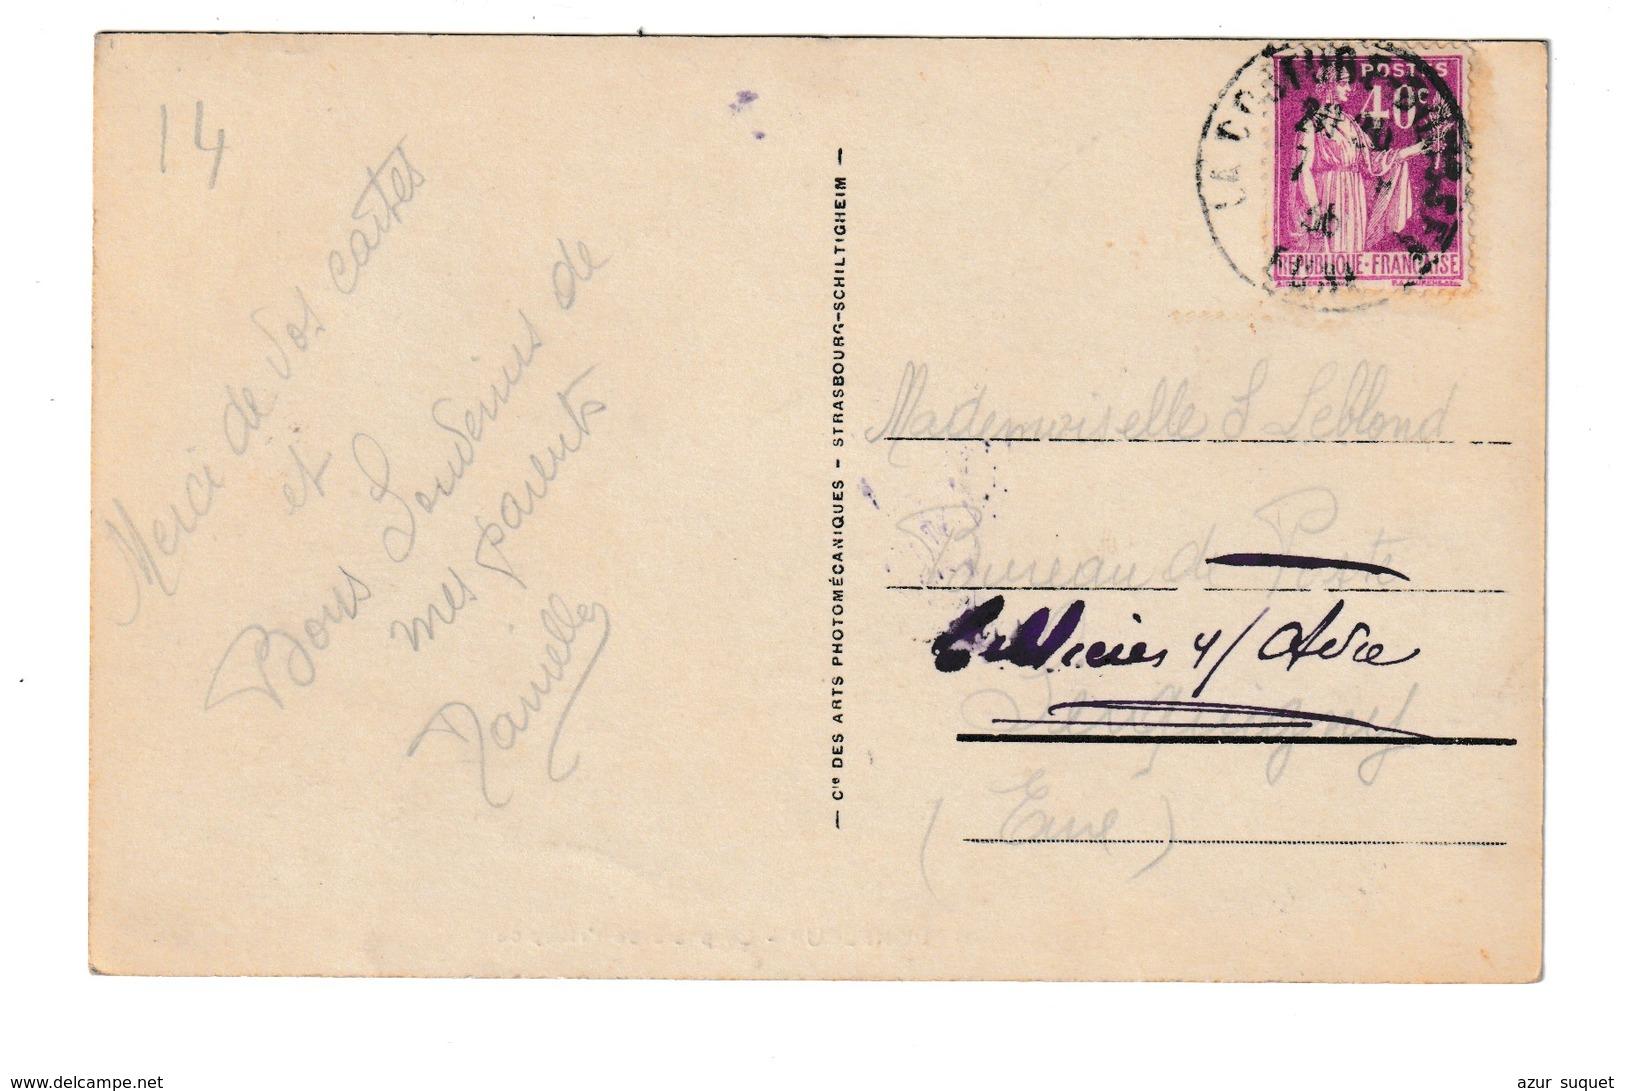 FRANCE / CPA / HONFLEUR / LE PHARE DE L'HOSPICE / 1914 - Honfleur